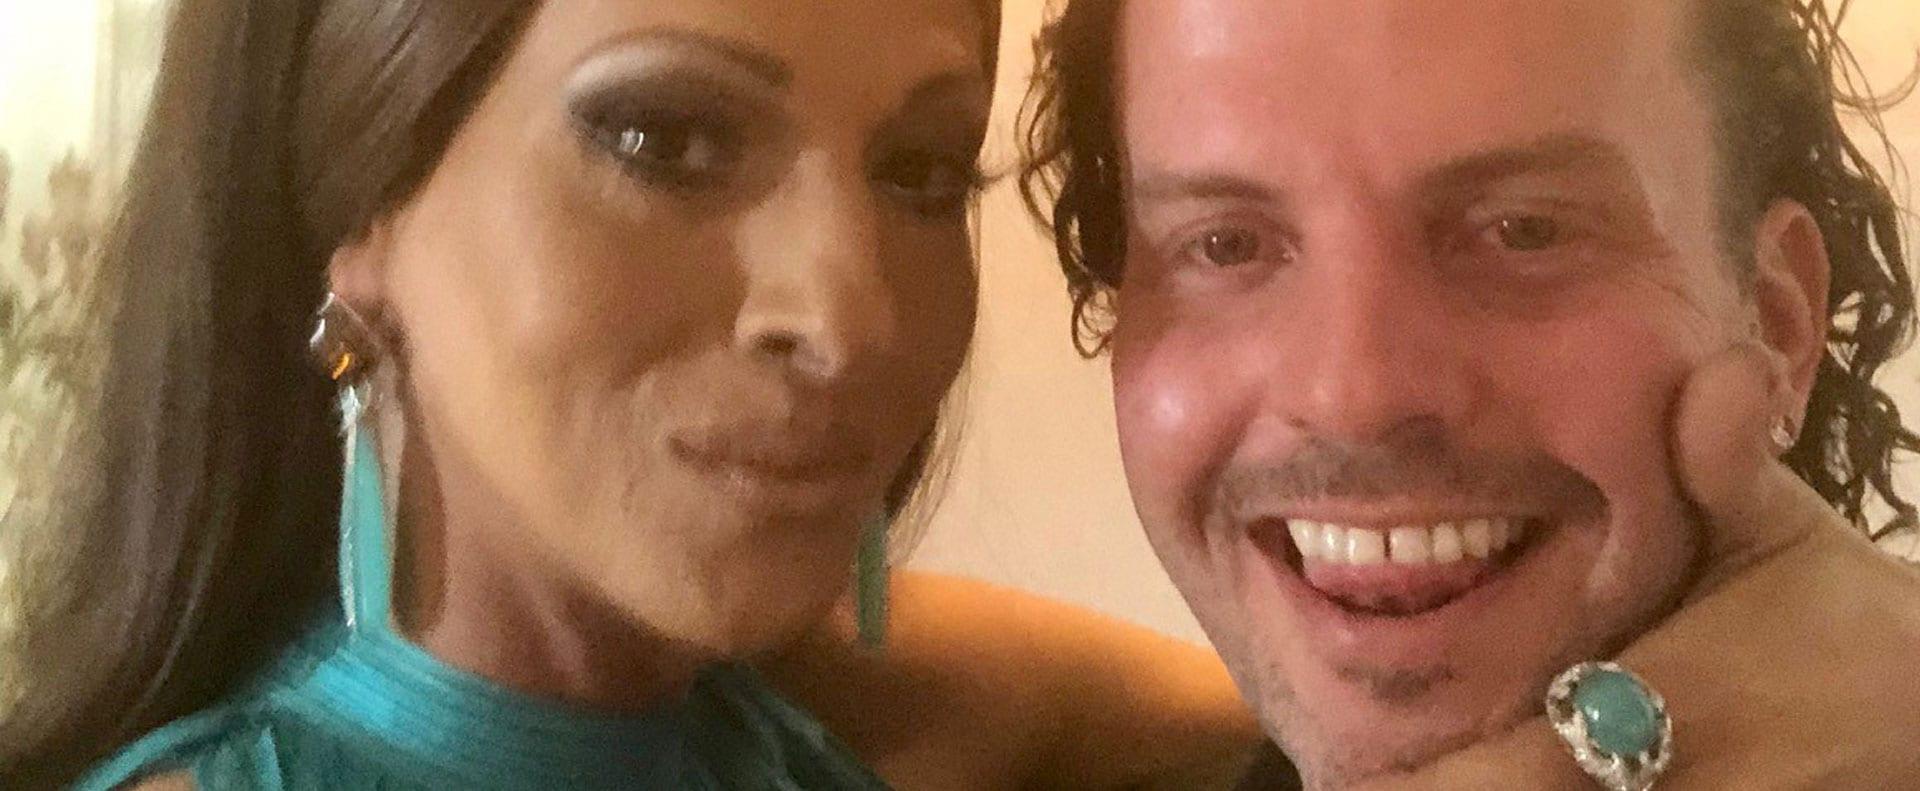 אירוויזיון 2019 גיל נויהאוס עם דנה אינטרנשיונל, צילום יחצ - 188